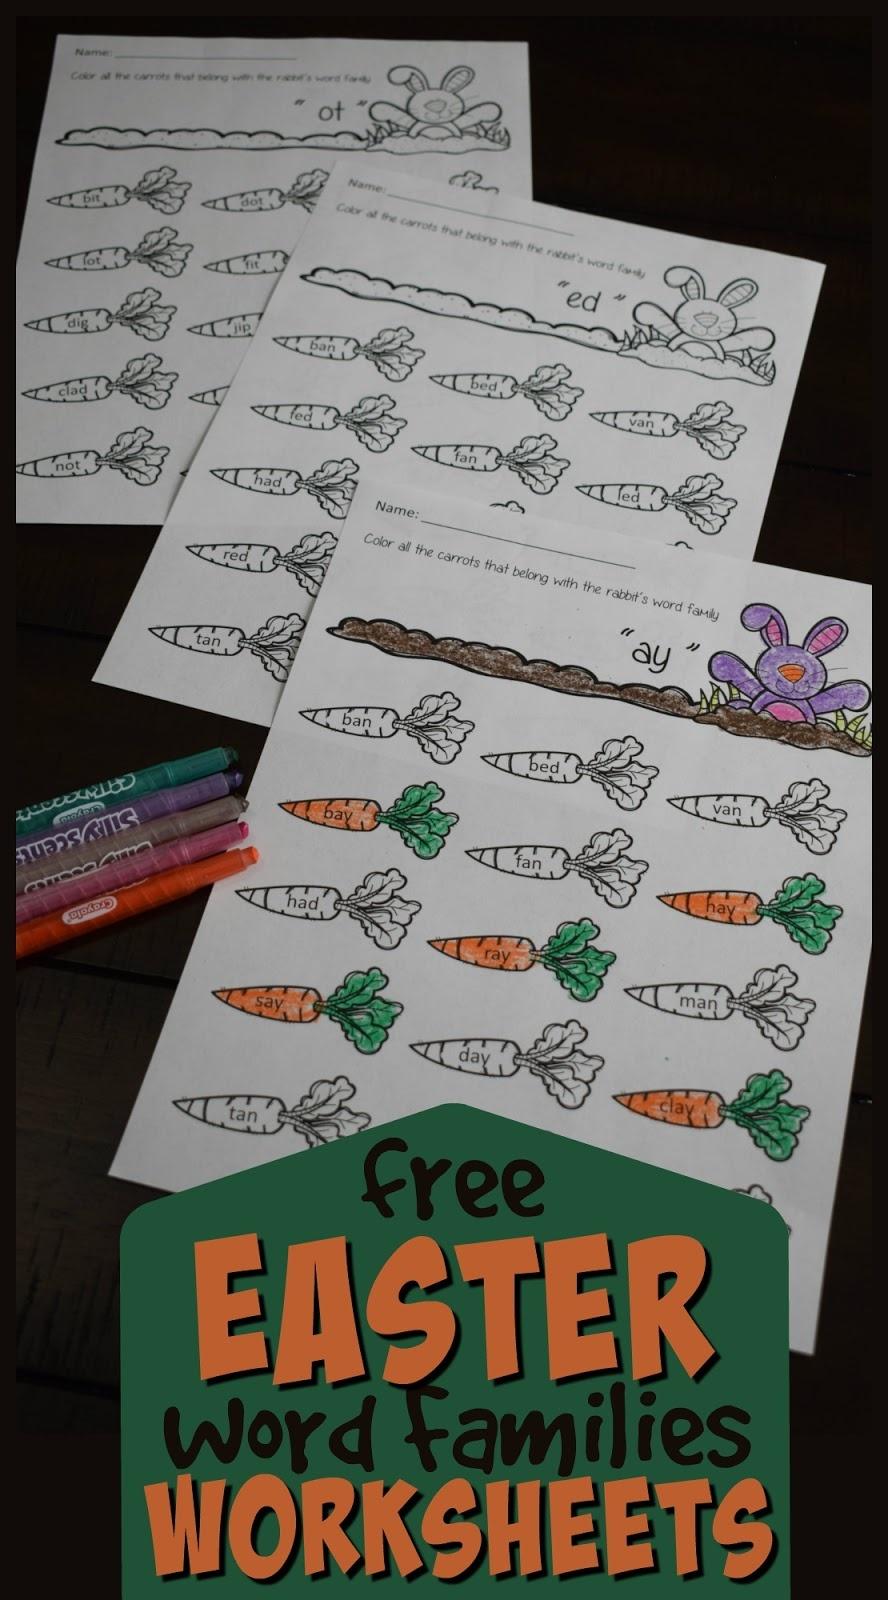 Free Easter Word Families Worksheets – Kindergarten Worksheets And Games - Free Printable Word Family Worksheets For Kindergarten